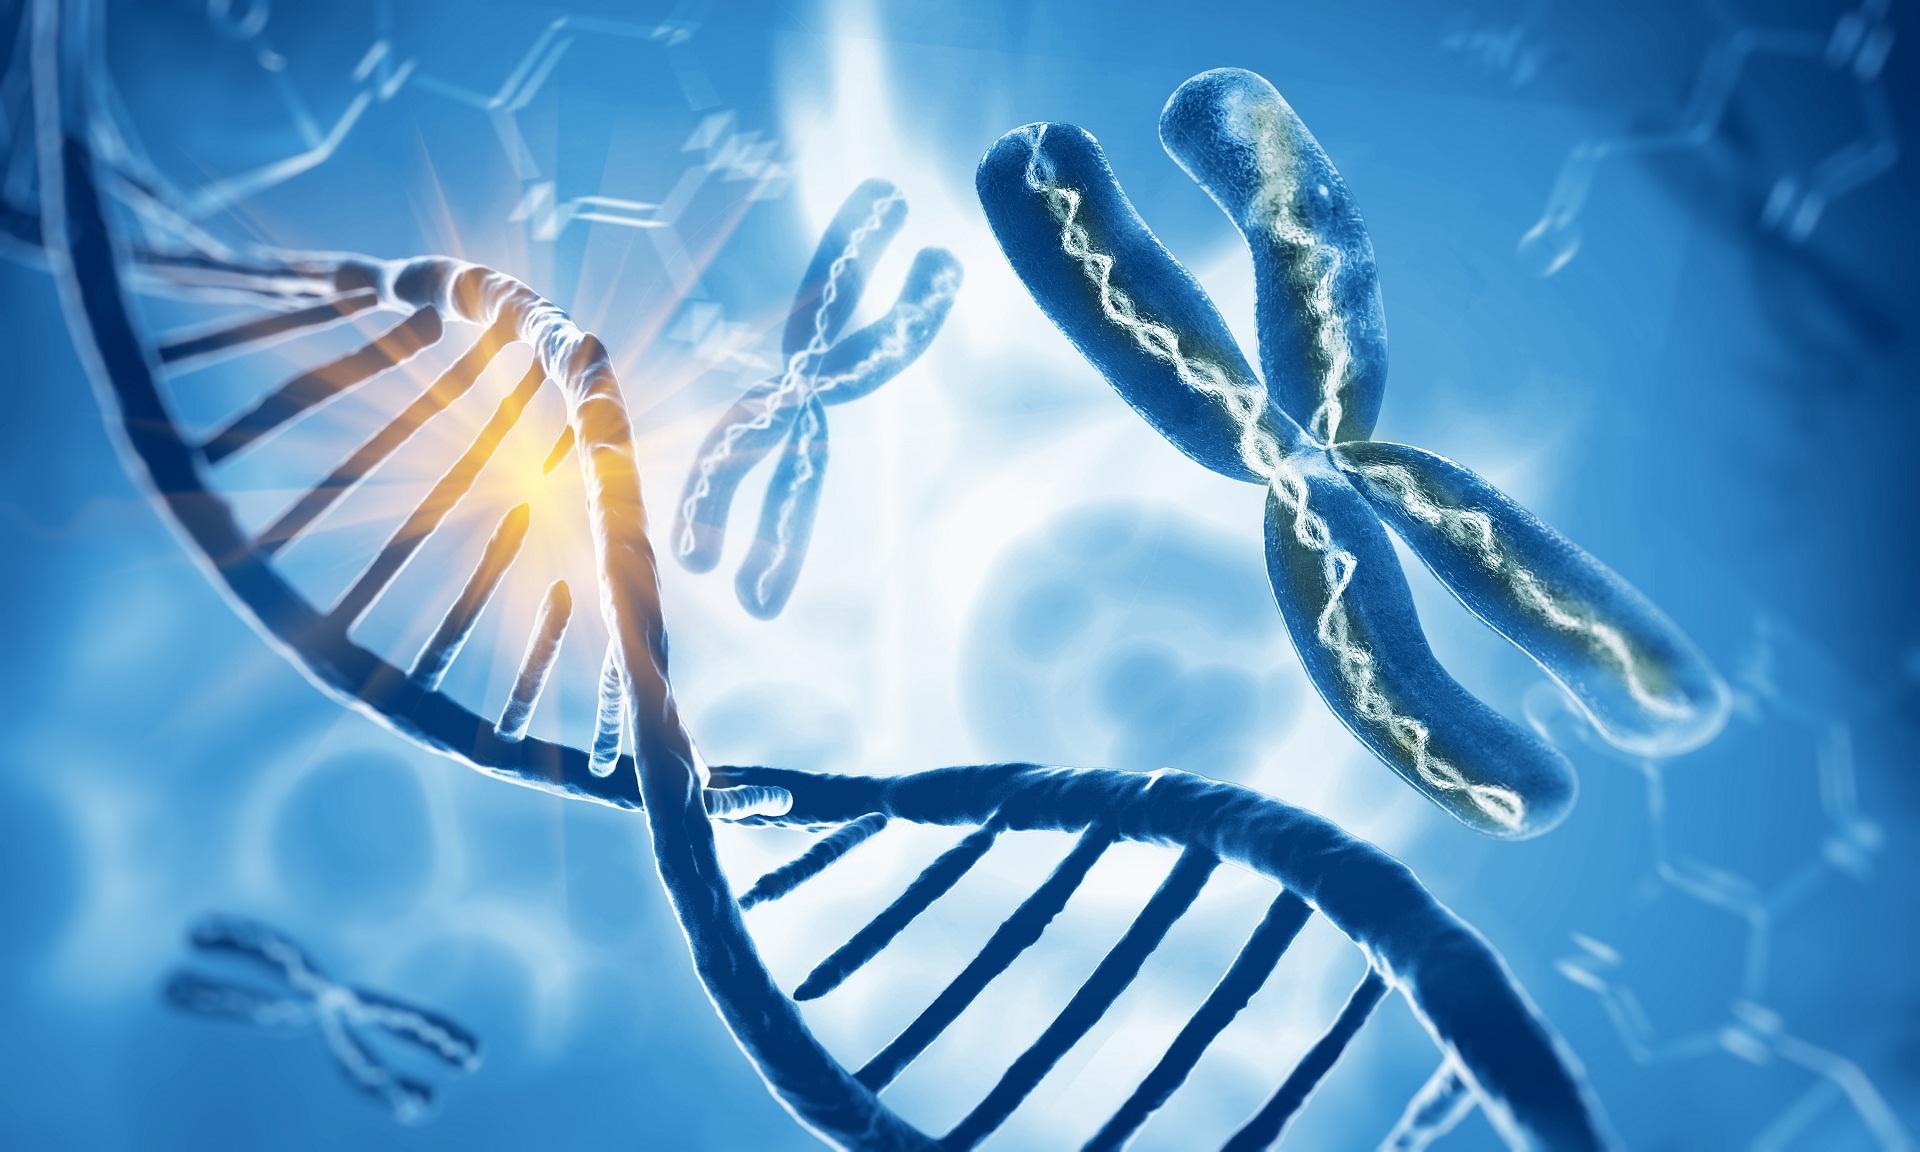 o que é um cromossomo e cariótipo com banda G cromossomos exame cariótipo com banda G